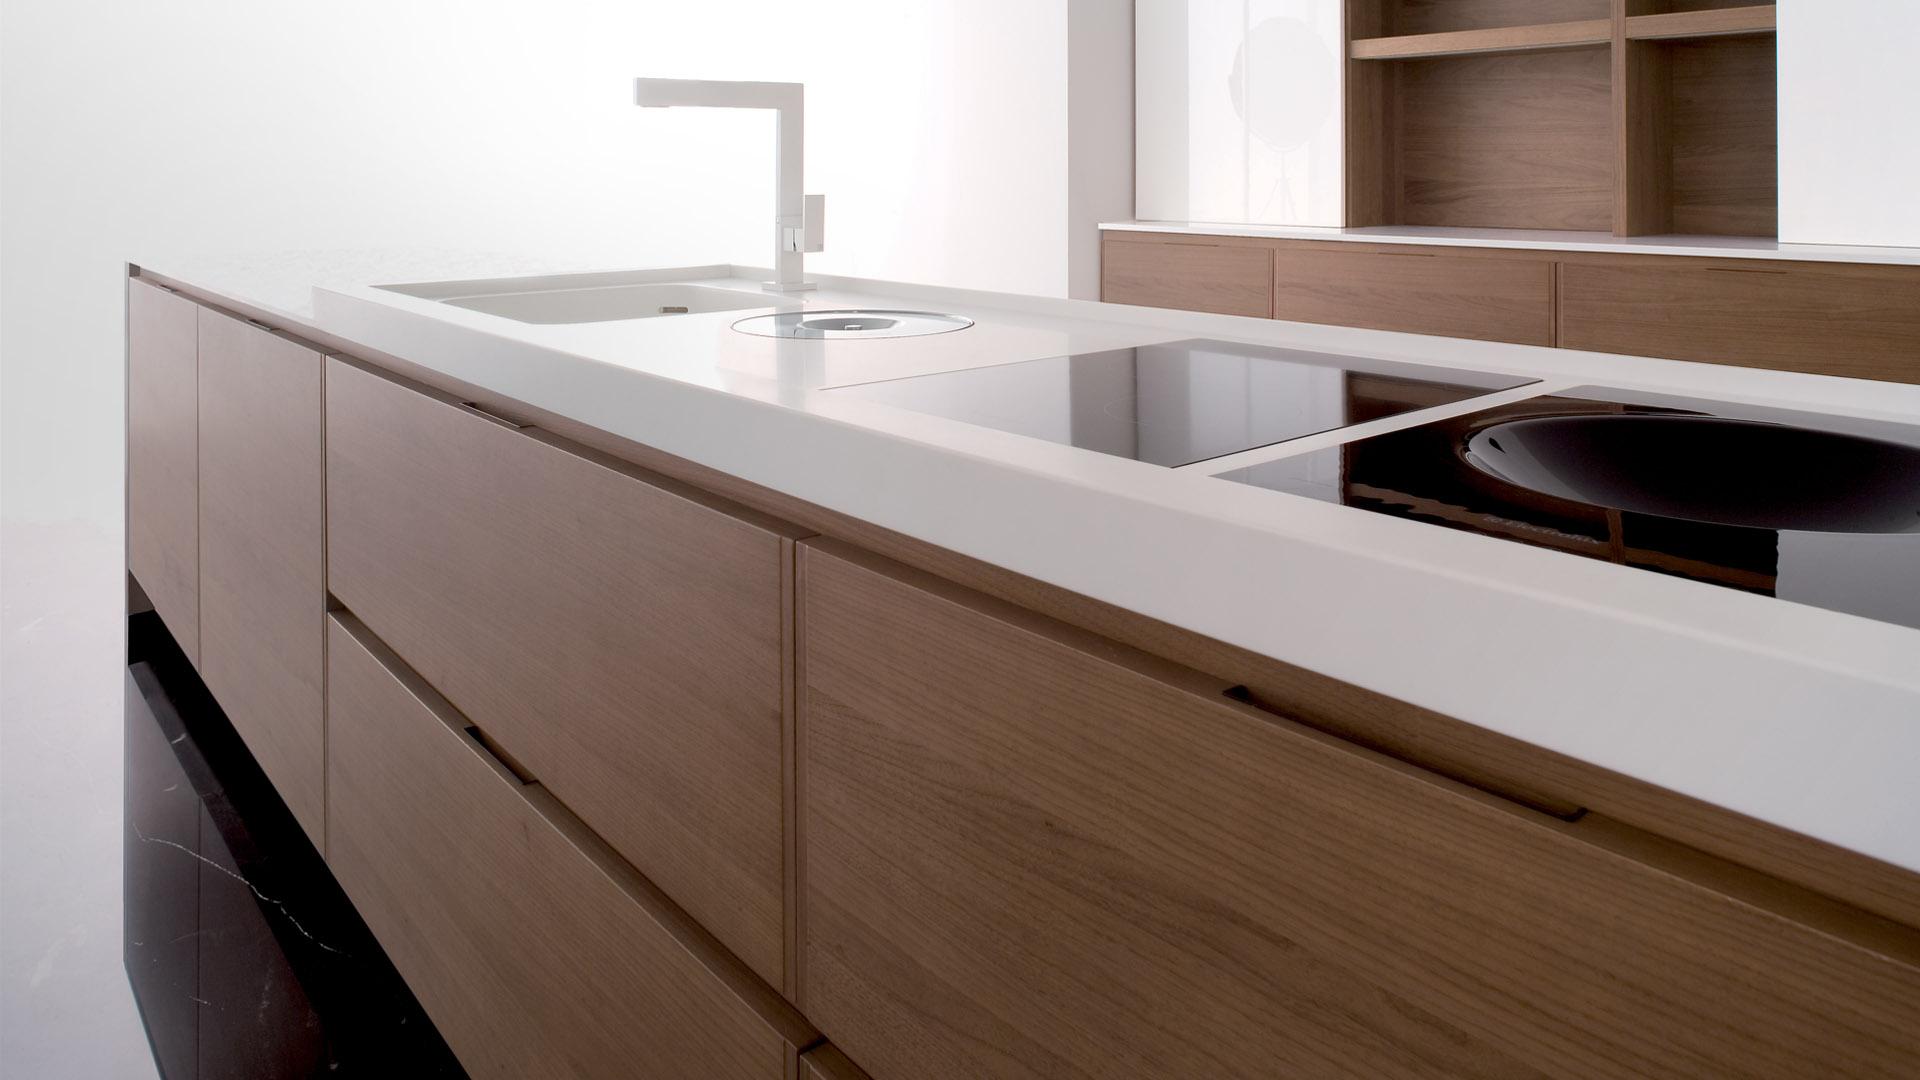 Krijtbord Keuken Ikea : White Kitchens with Corian Countertops